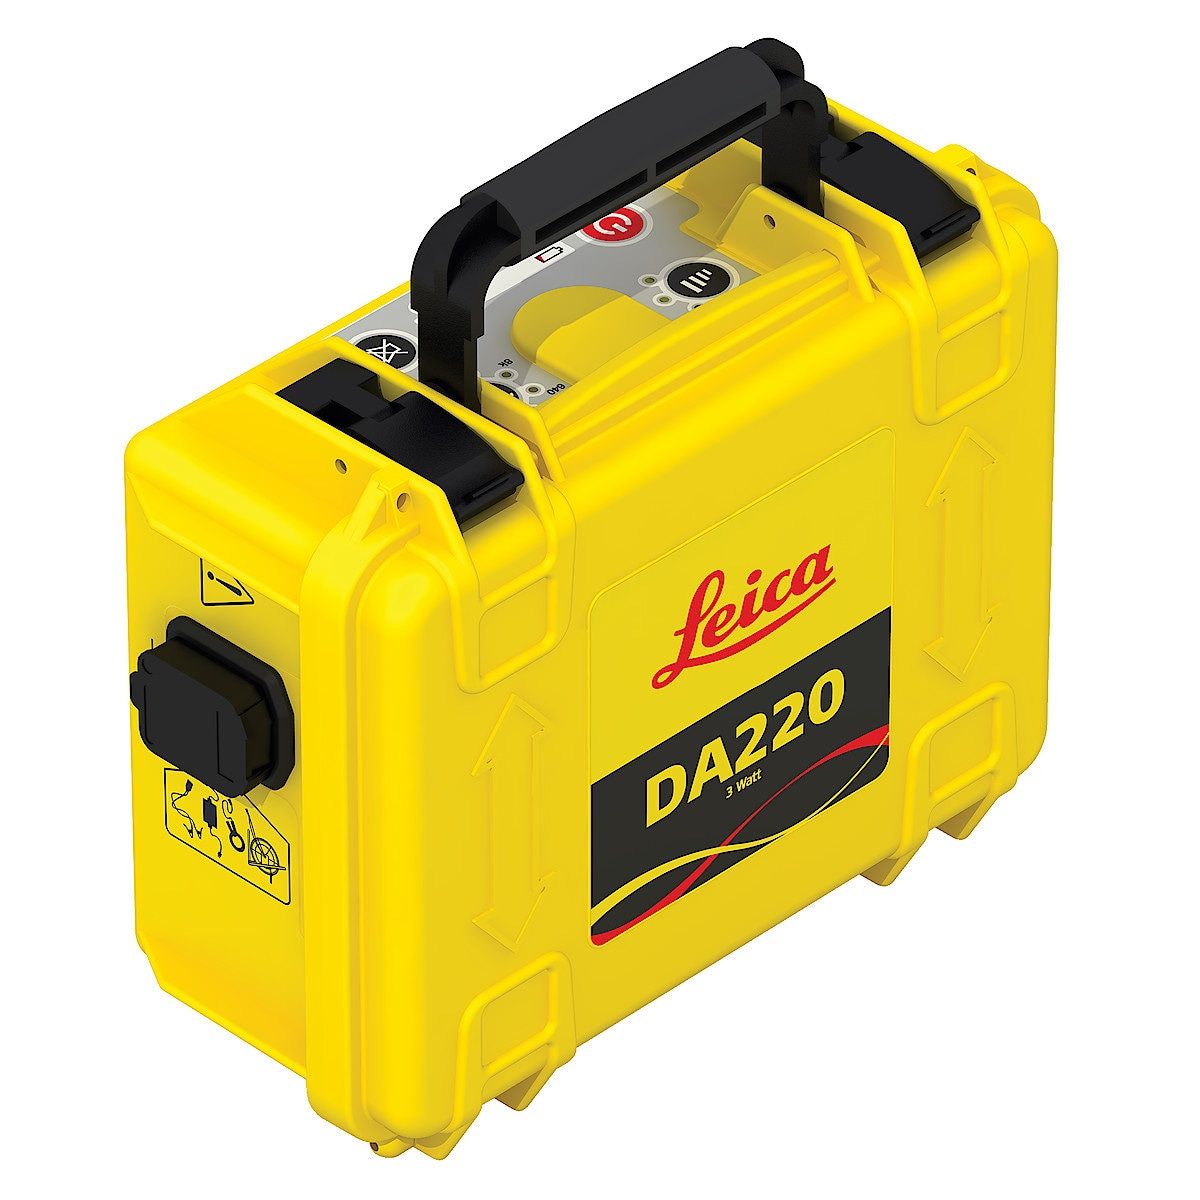 Signalsändare Leica DA220